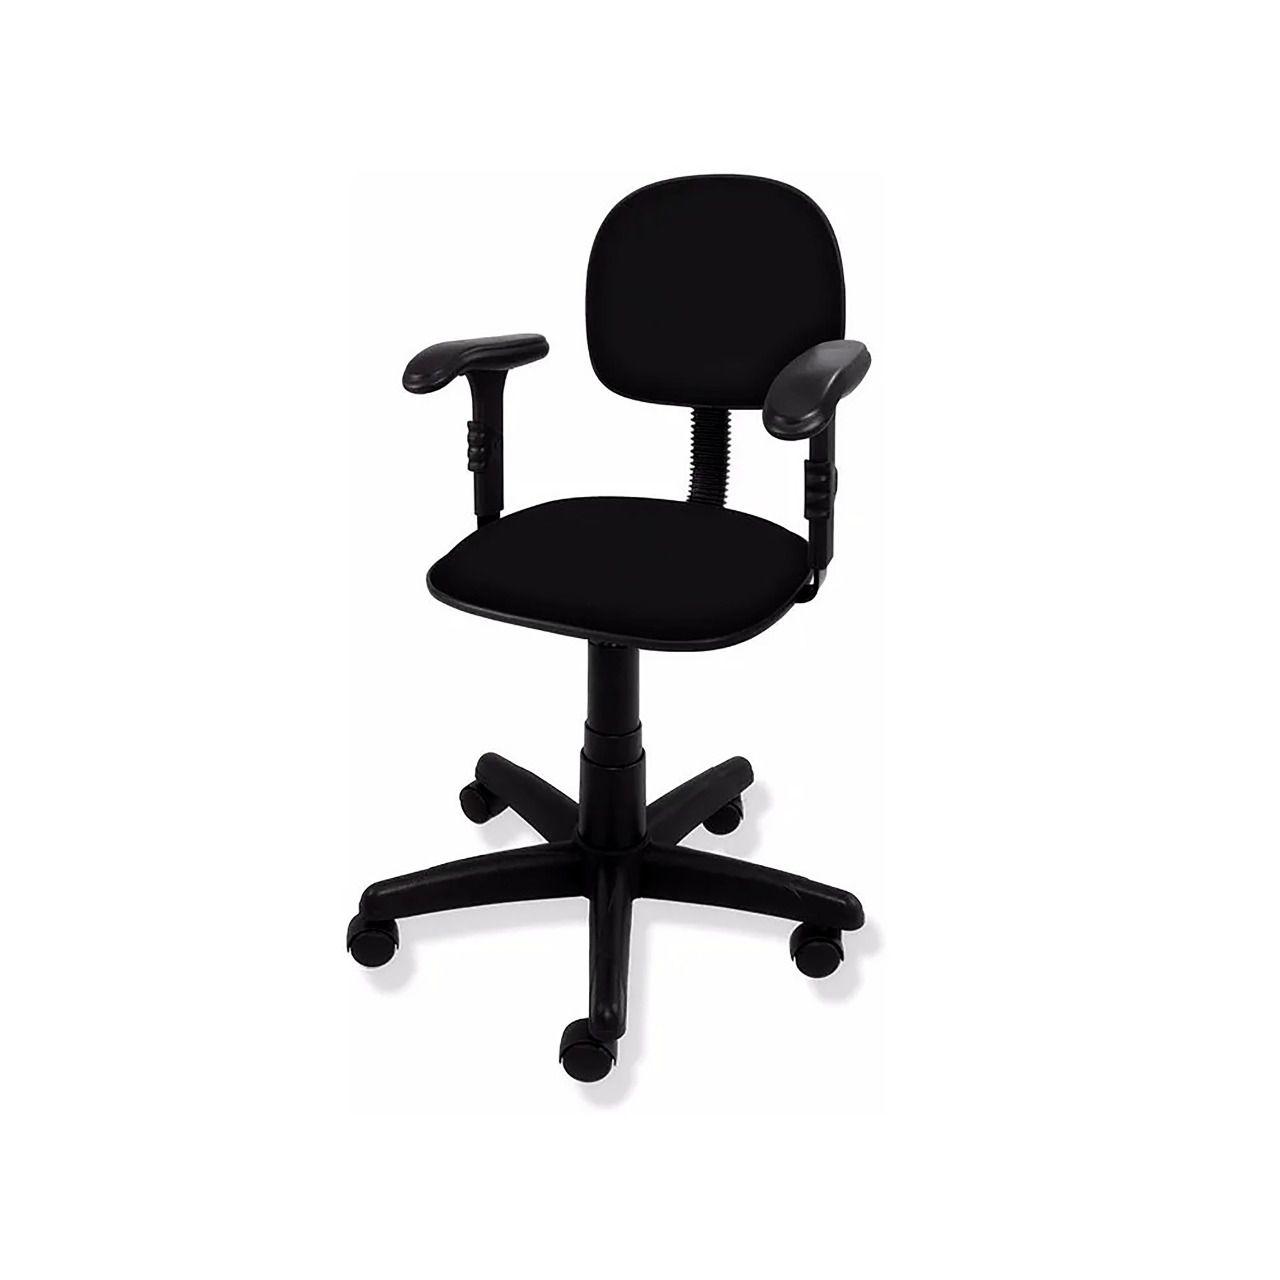 Cadeira Secretária Giratória C/ Braços Reguláveis